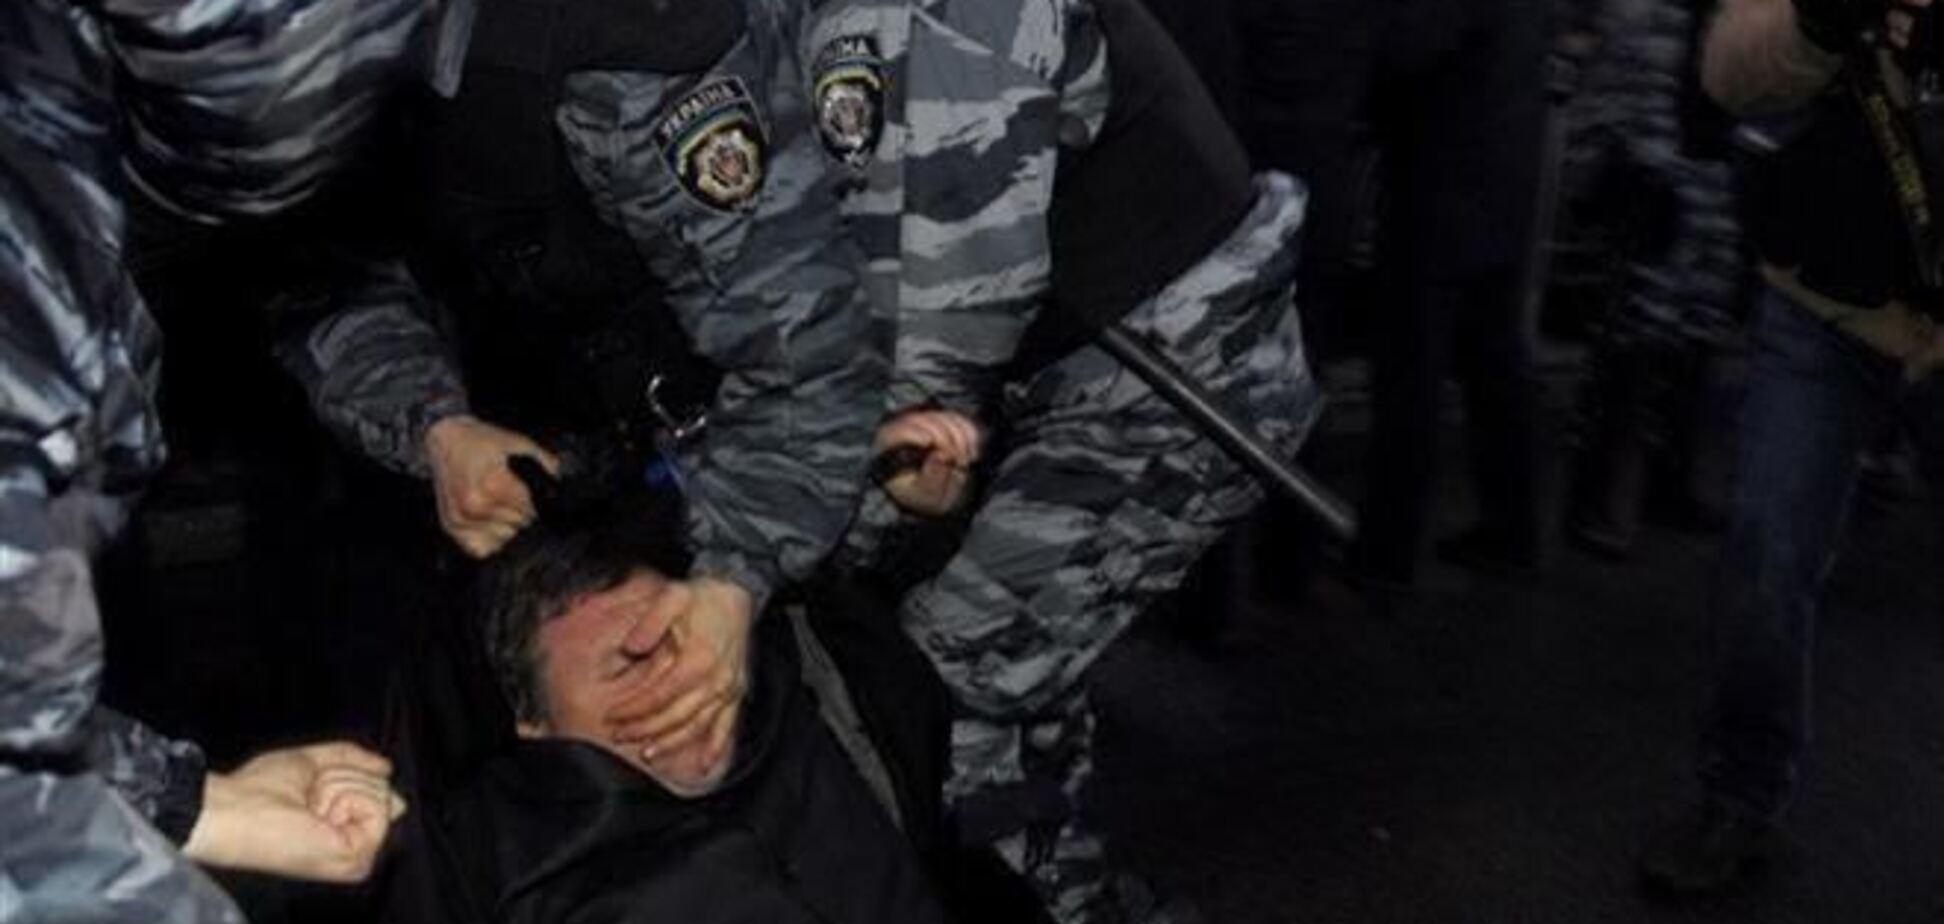 При разгоне Евромайдана пострадали 79 человек – ГПУ